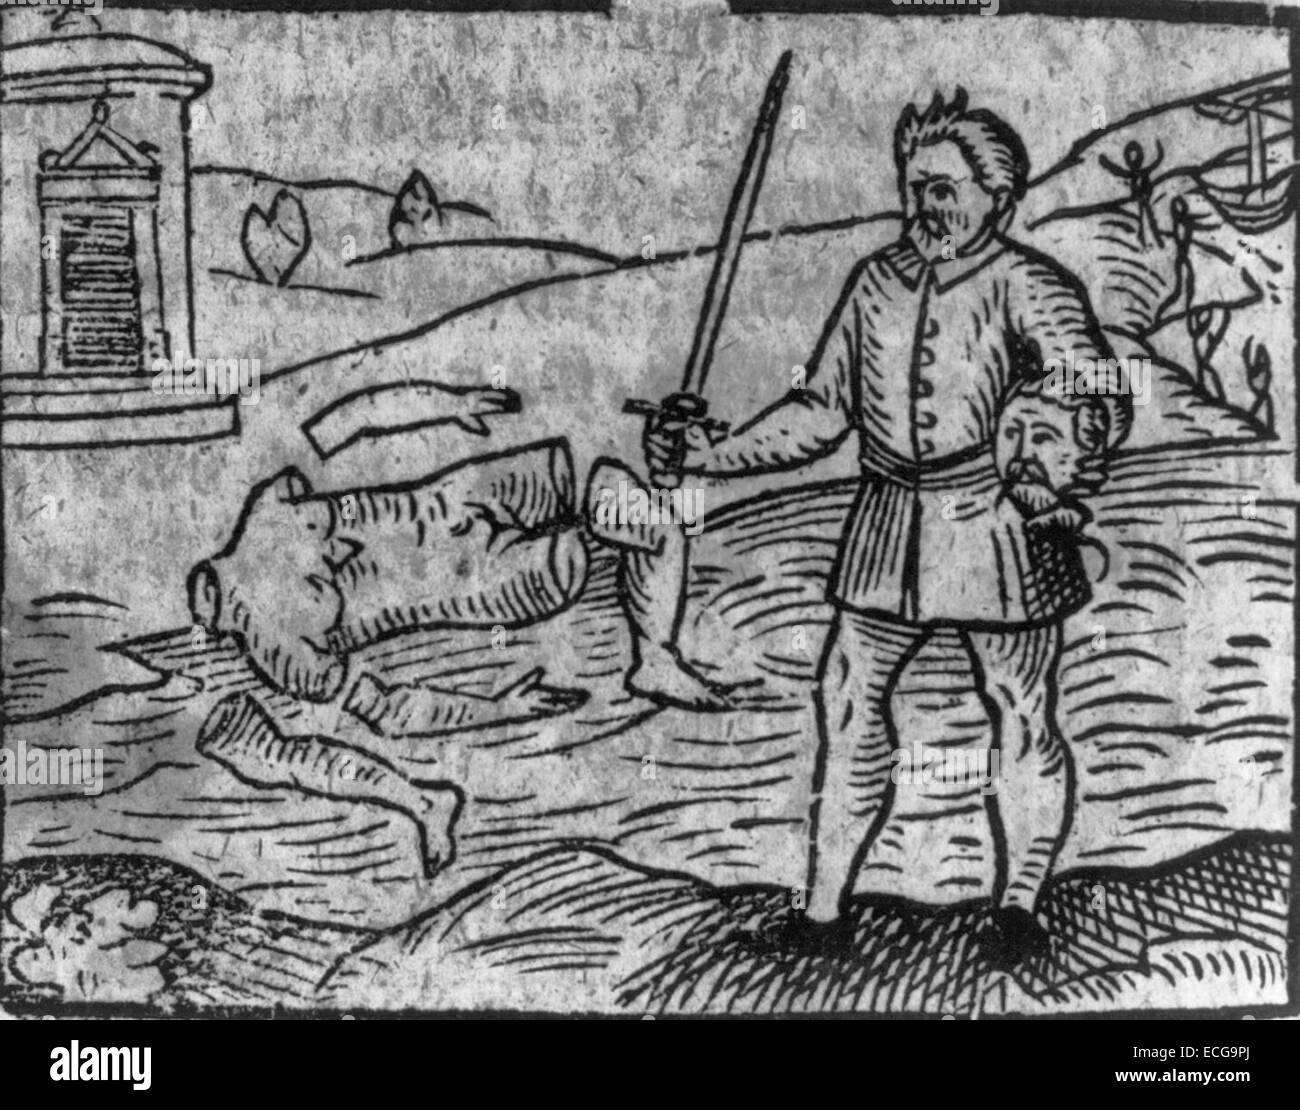 L'uomo la spada e la testa di decapitati, corpo mutilato di background, xilografia, circa 1599 Immagini Stock